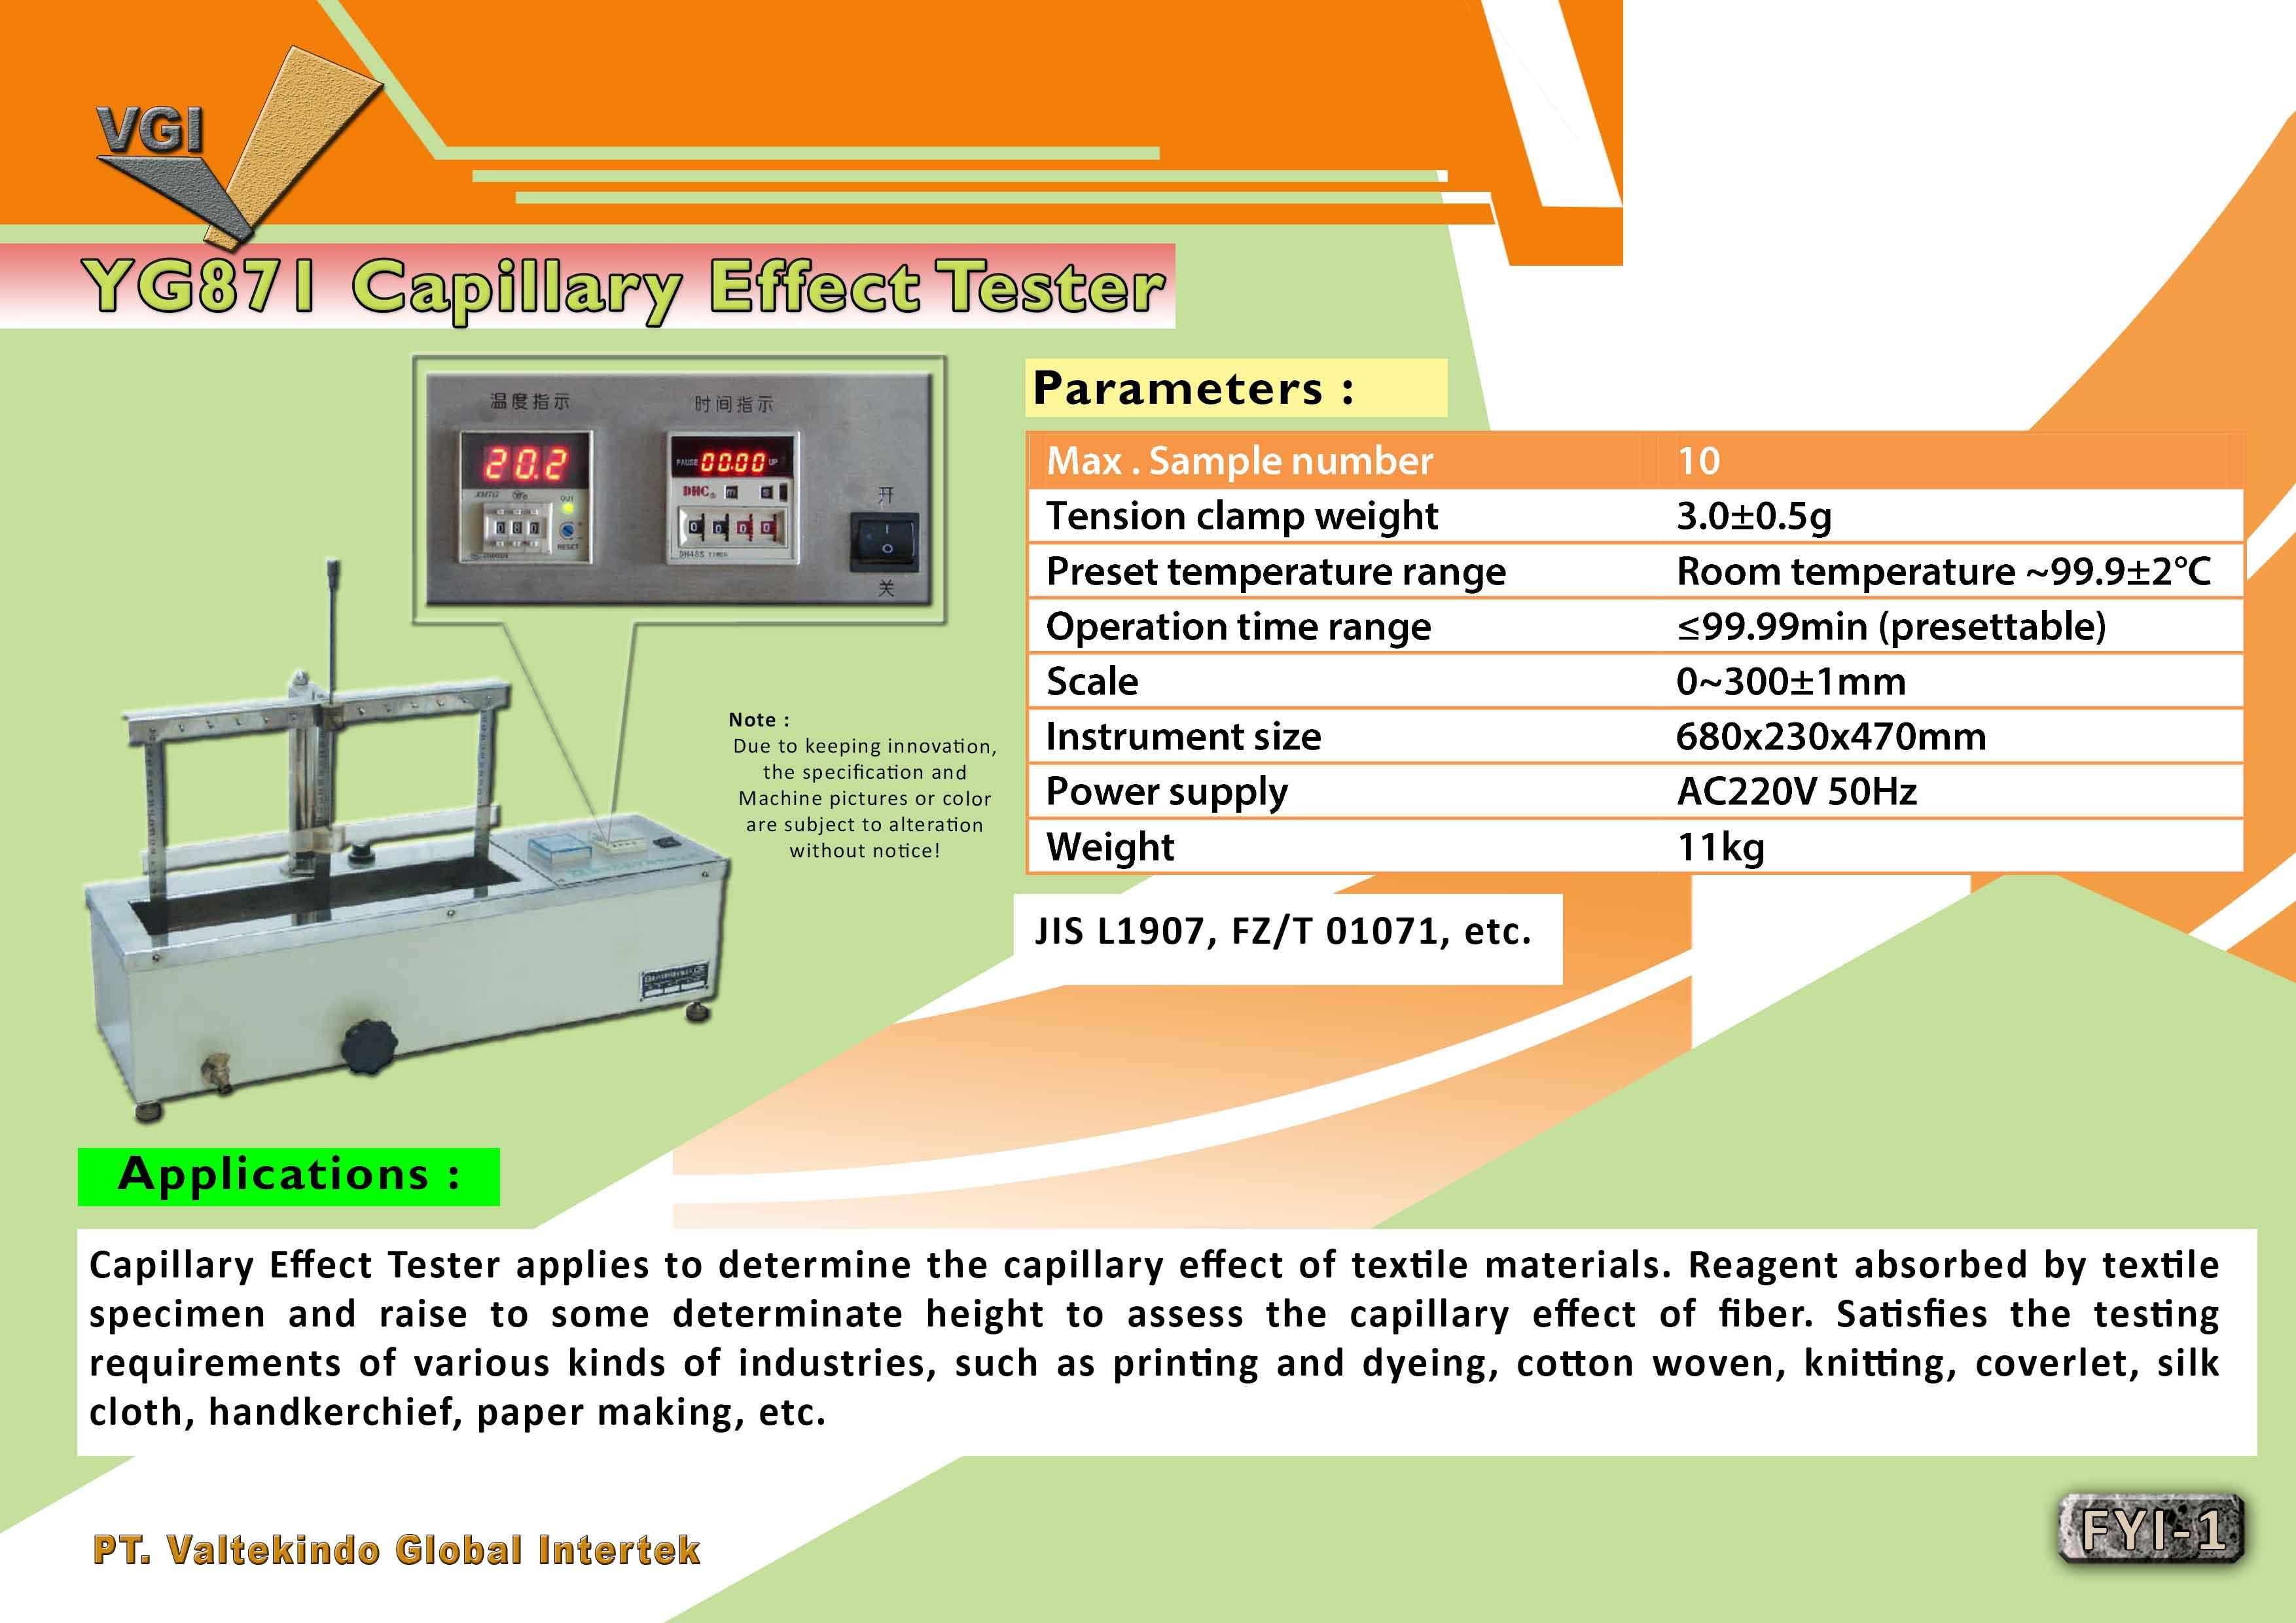 jual mesin, harga mesin, distributor mesin, jual mesin karet, daur ulang plastik Capillary Effecty Tester Capillary Effecty Tester